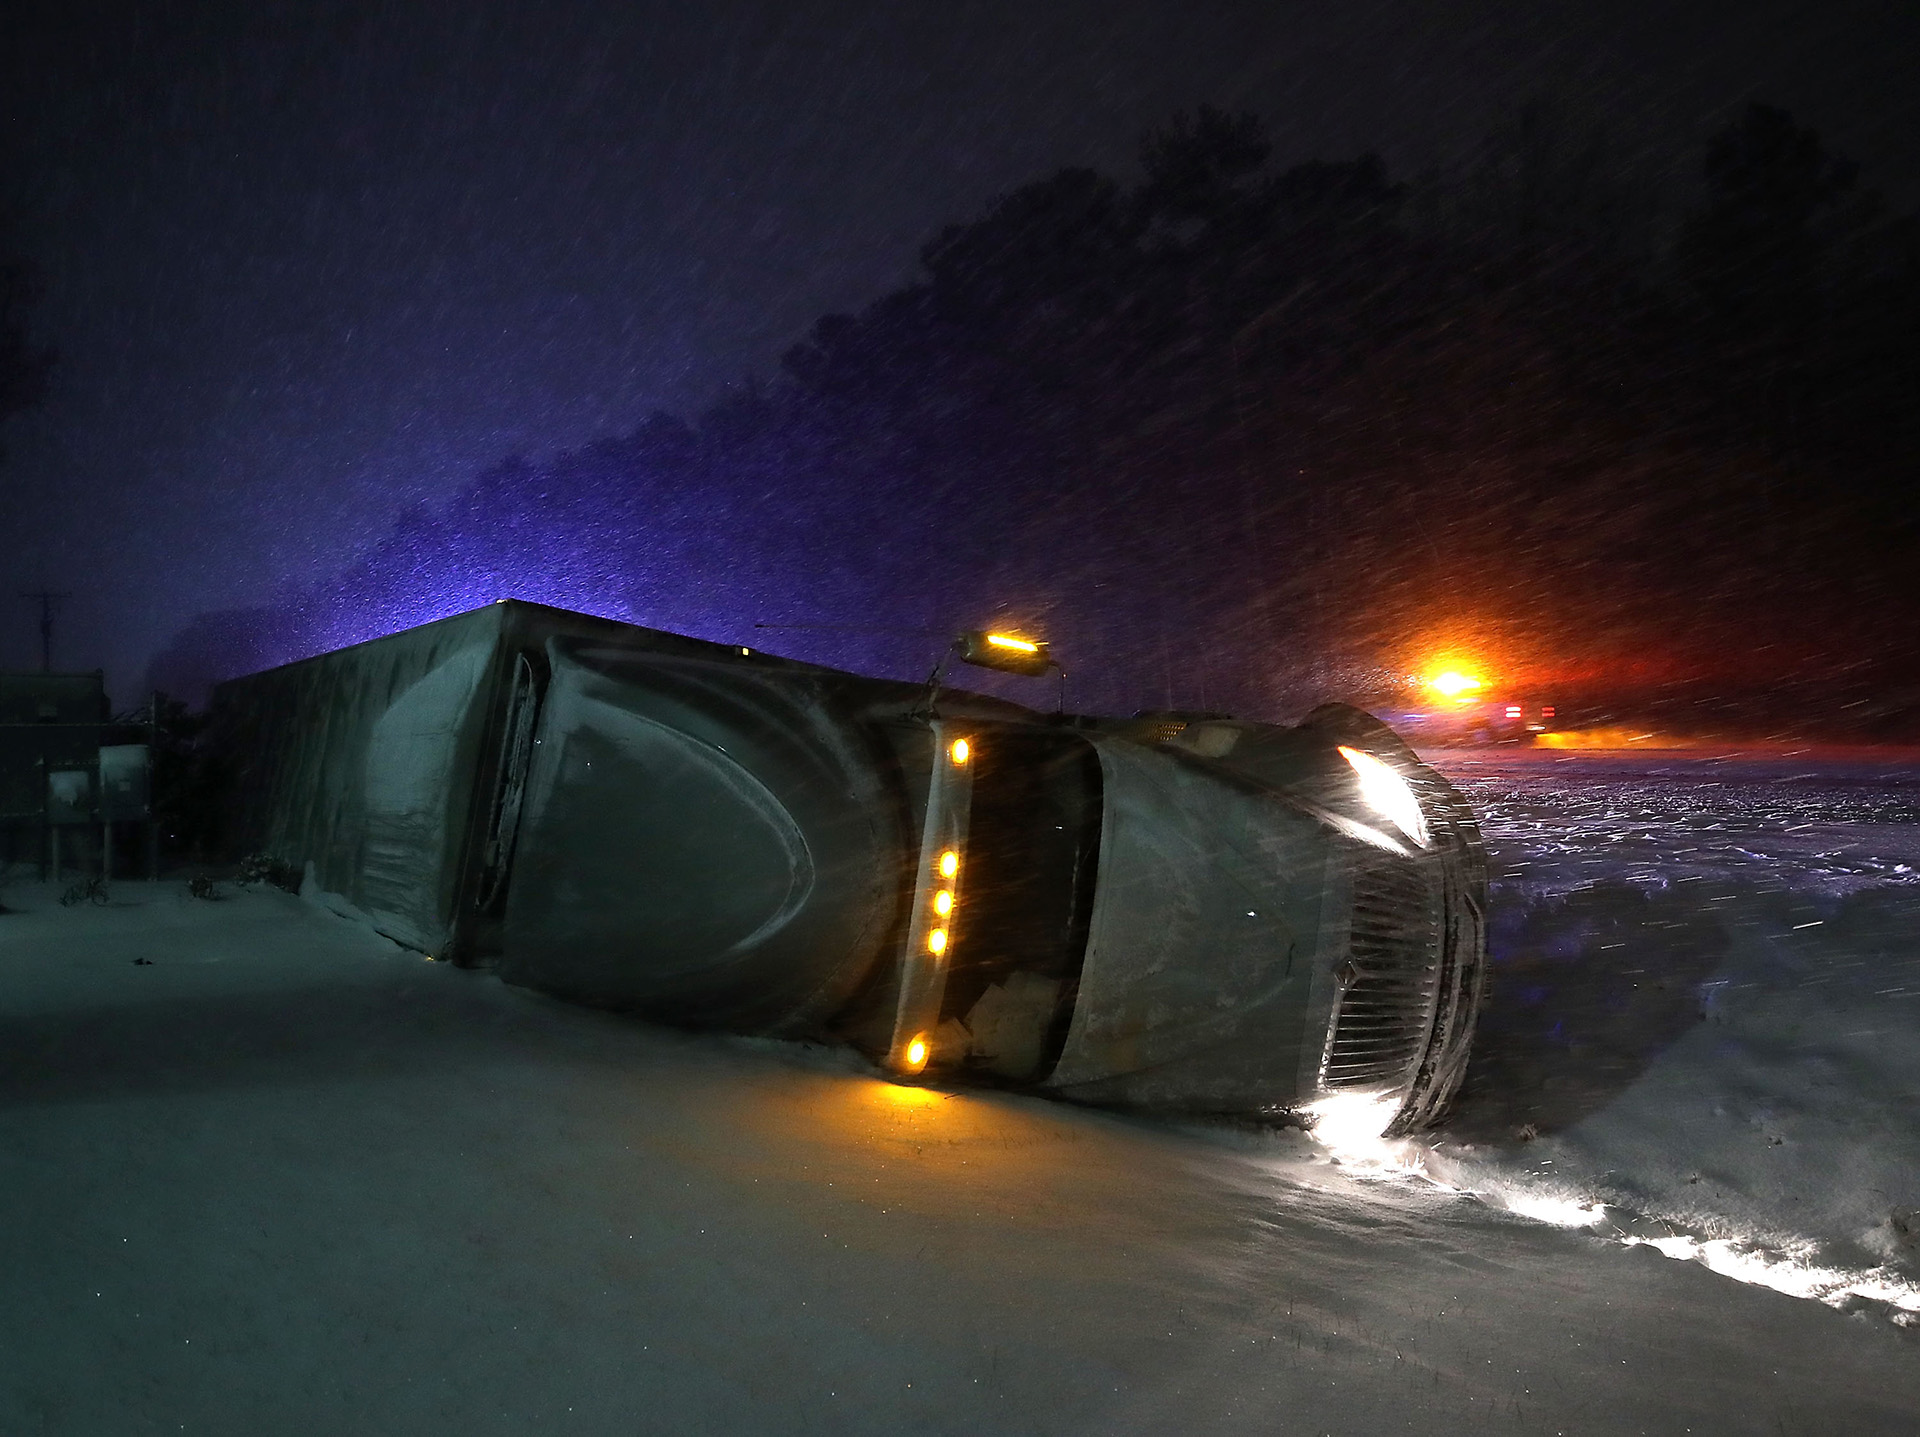 Las malas condiciones de los caminos hicieron volcar a un camión con acoplado en Georgetown, Delaware(Mark Wilson/Getty Images/AFP)